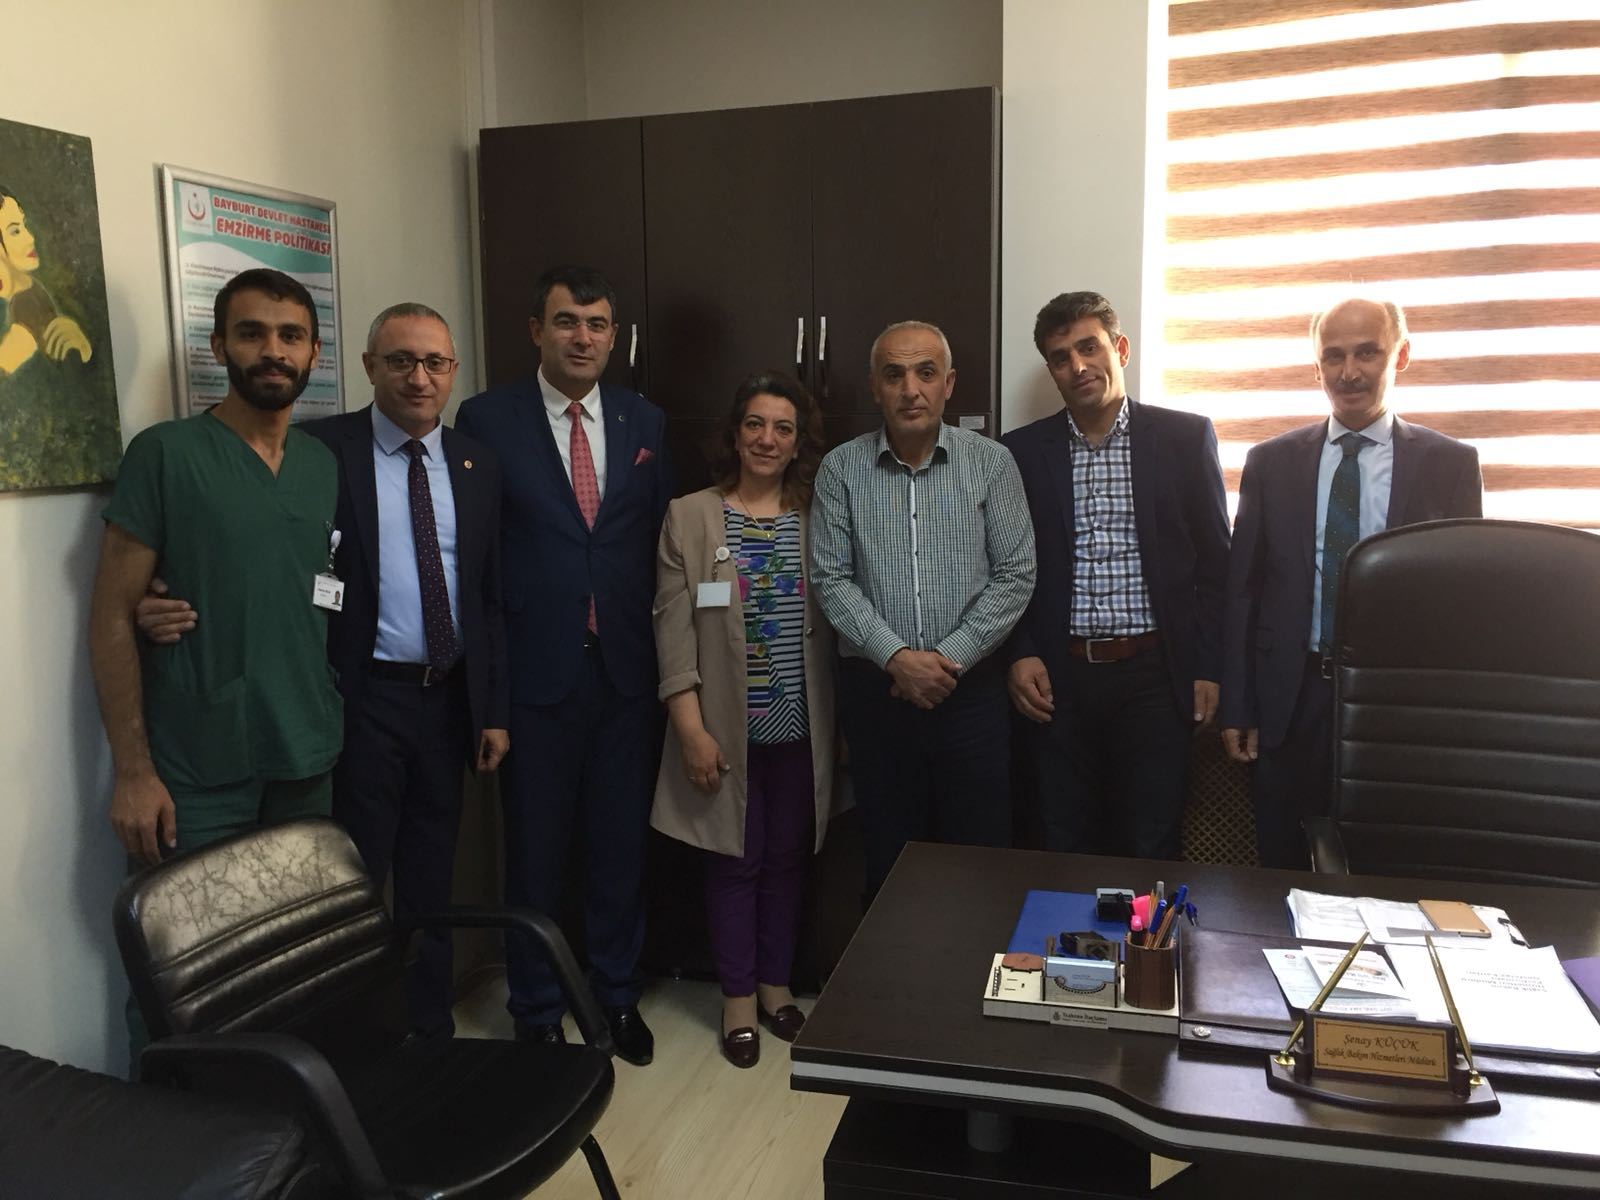 Genel Başkan Yardımcılarımız Mustafa Köse ve Mustafa Yiğit Erzincan ve Bayburt illerini ziyaret etti.